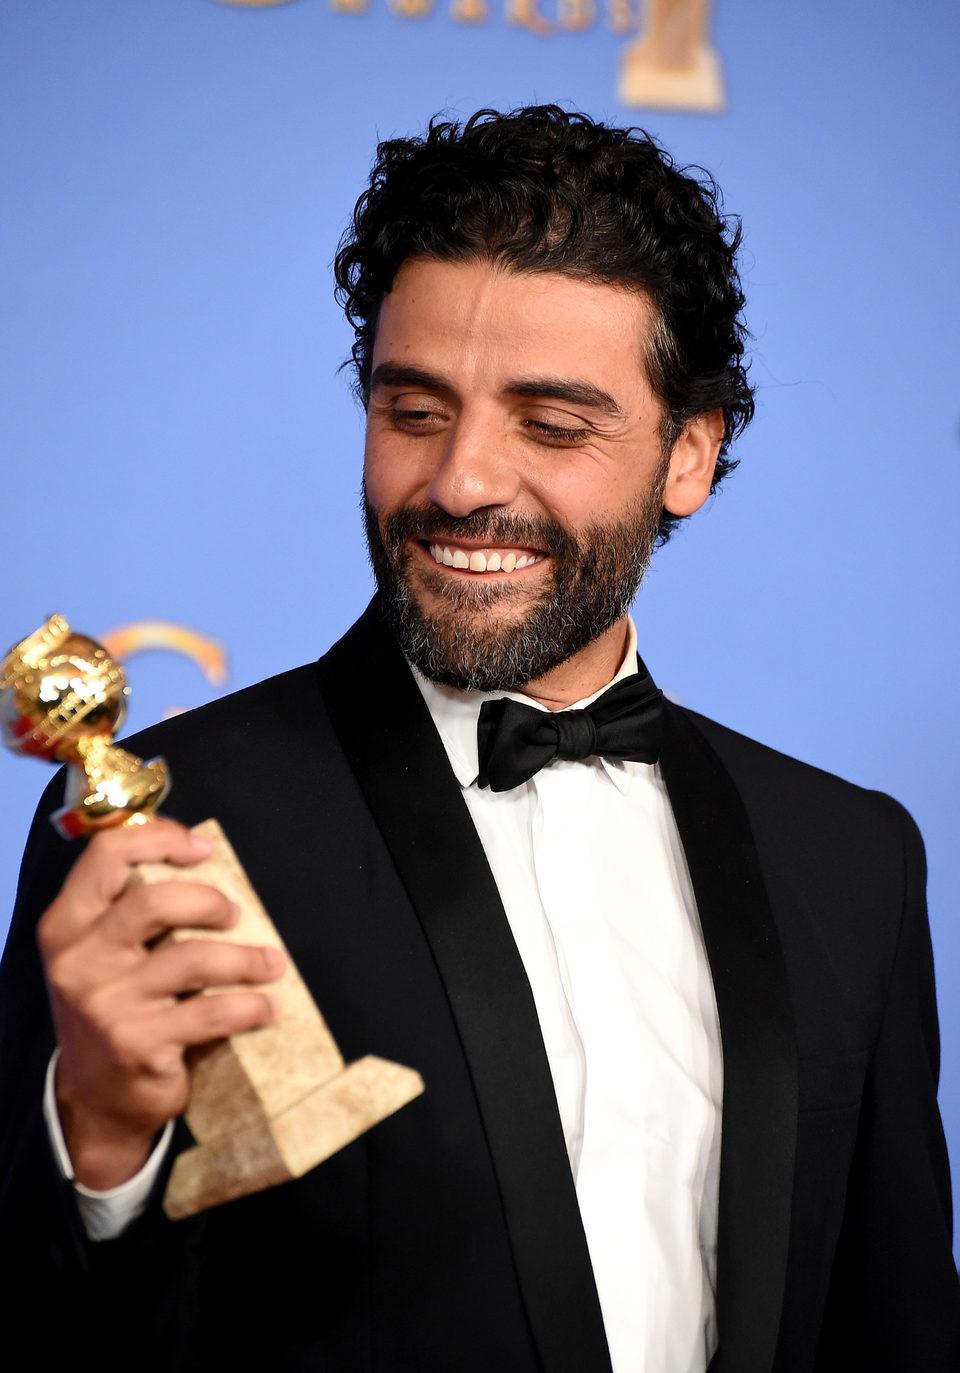 Oscar Isaac wins a Golden Globe Award for 'Show Me a Hero'